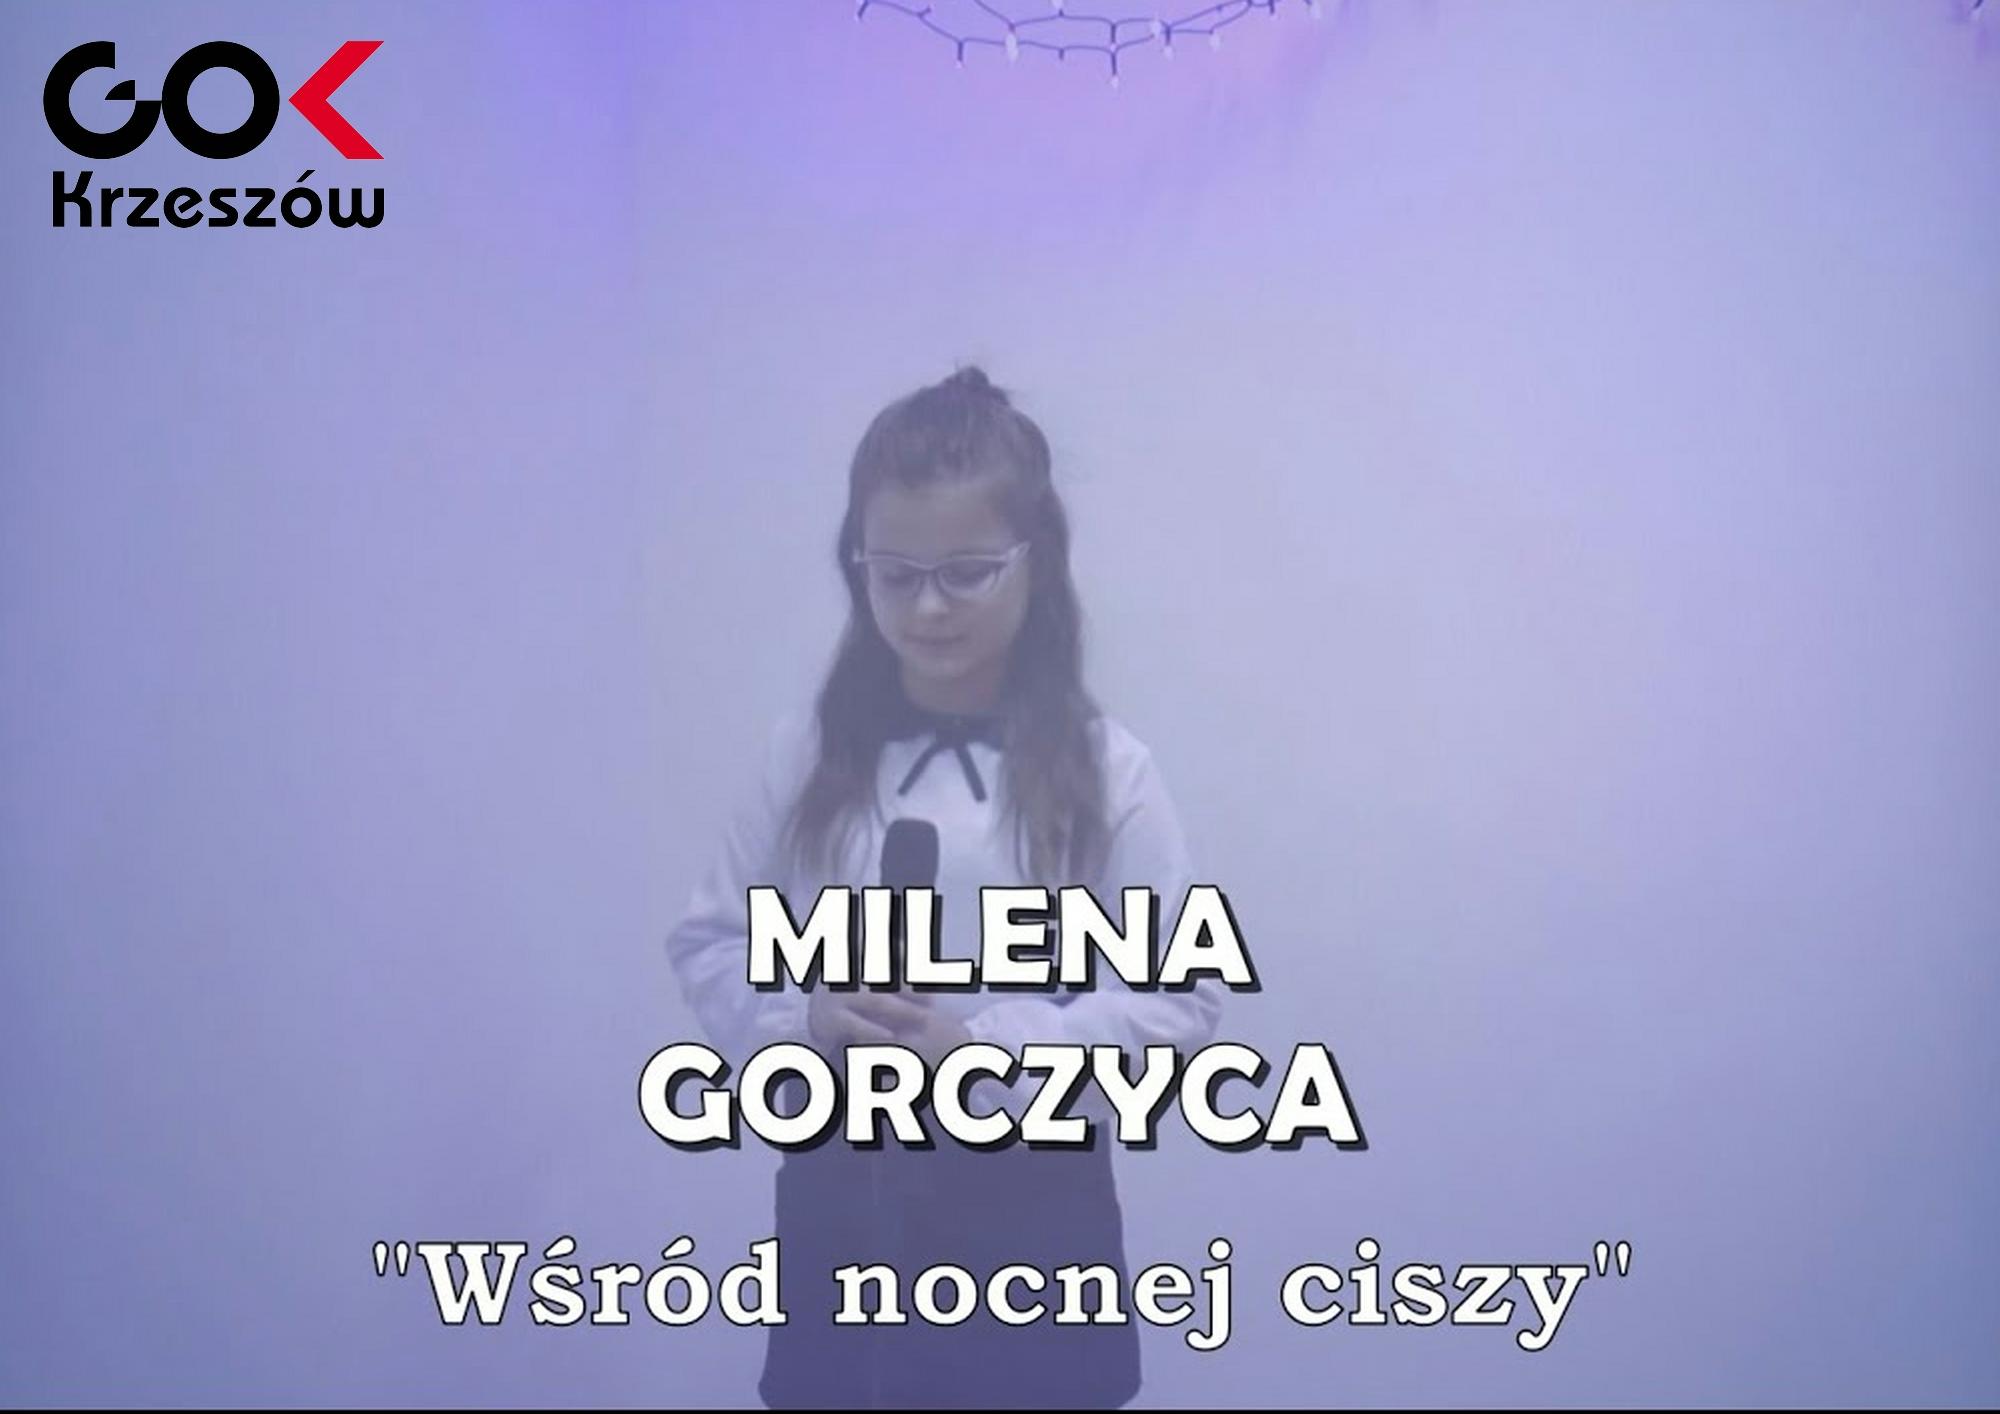 Milena Gorczyca